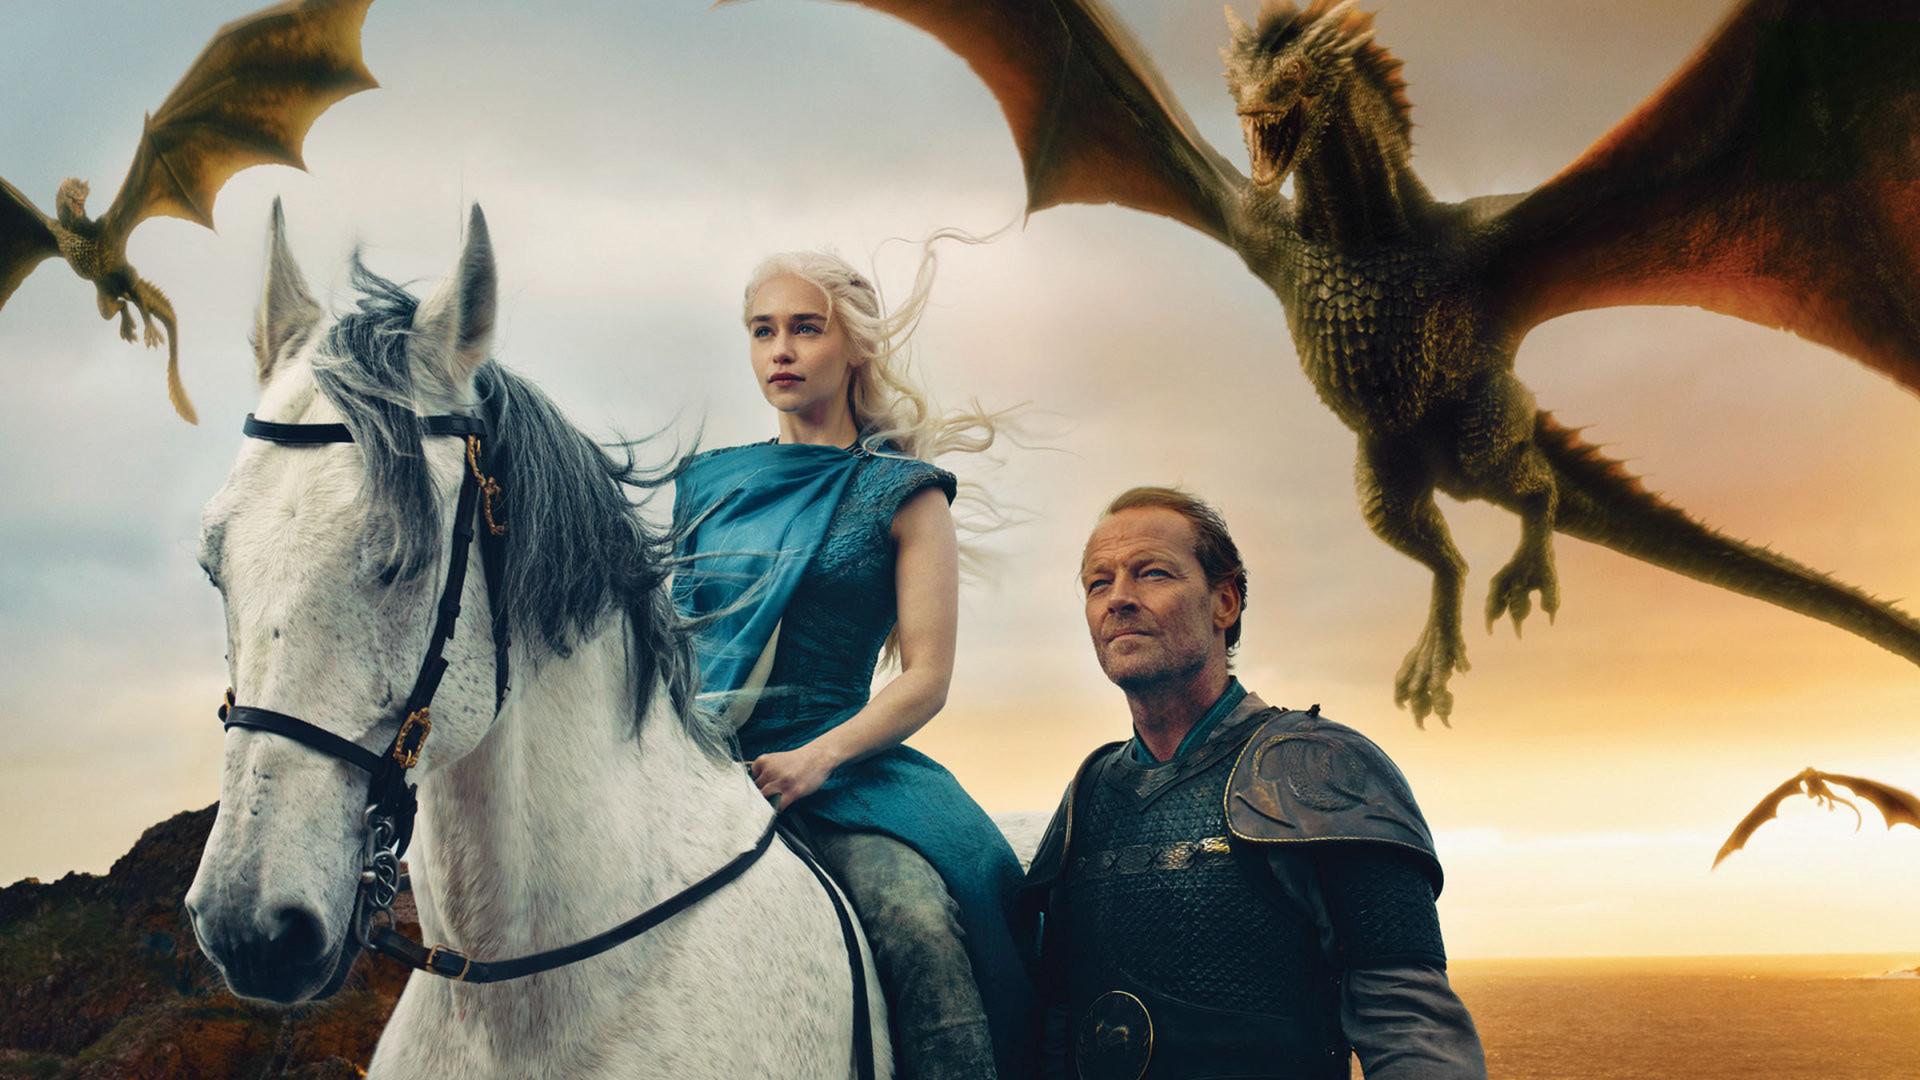 İşte Game Of Thrones'un 8. sezonundaki ilk 5 bölüm senaryosu